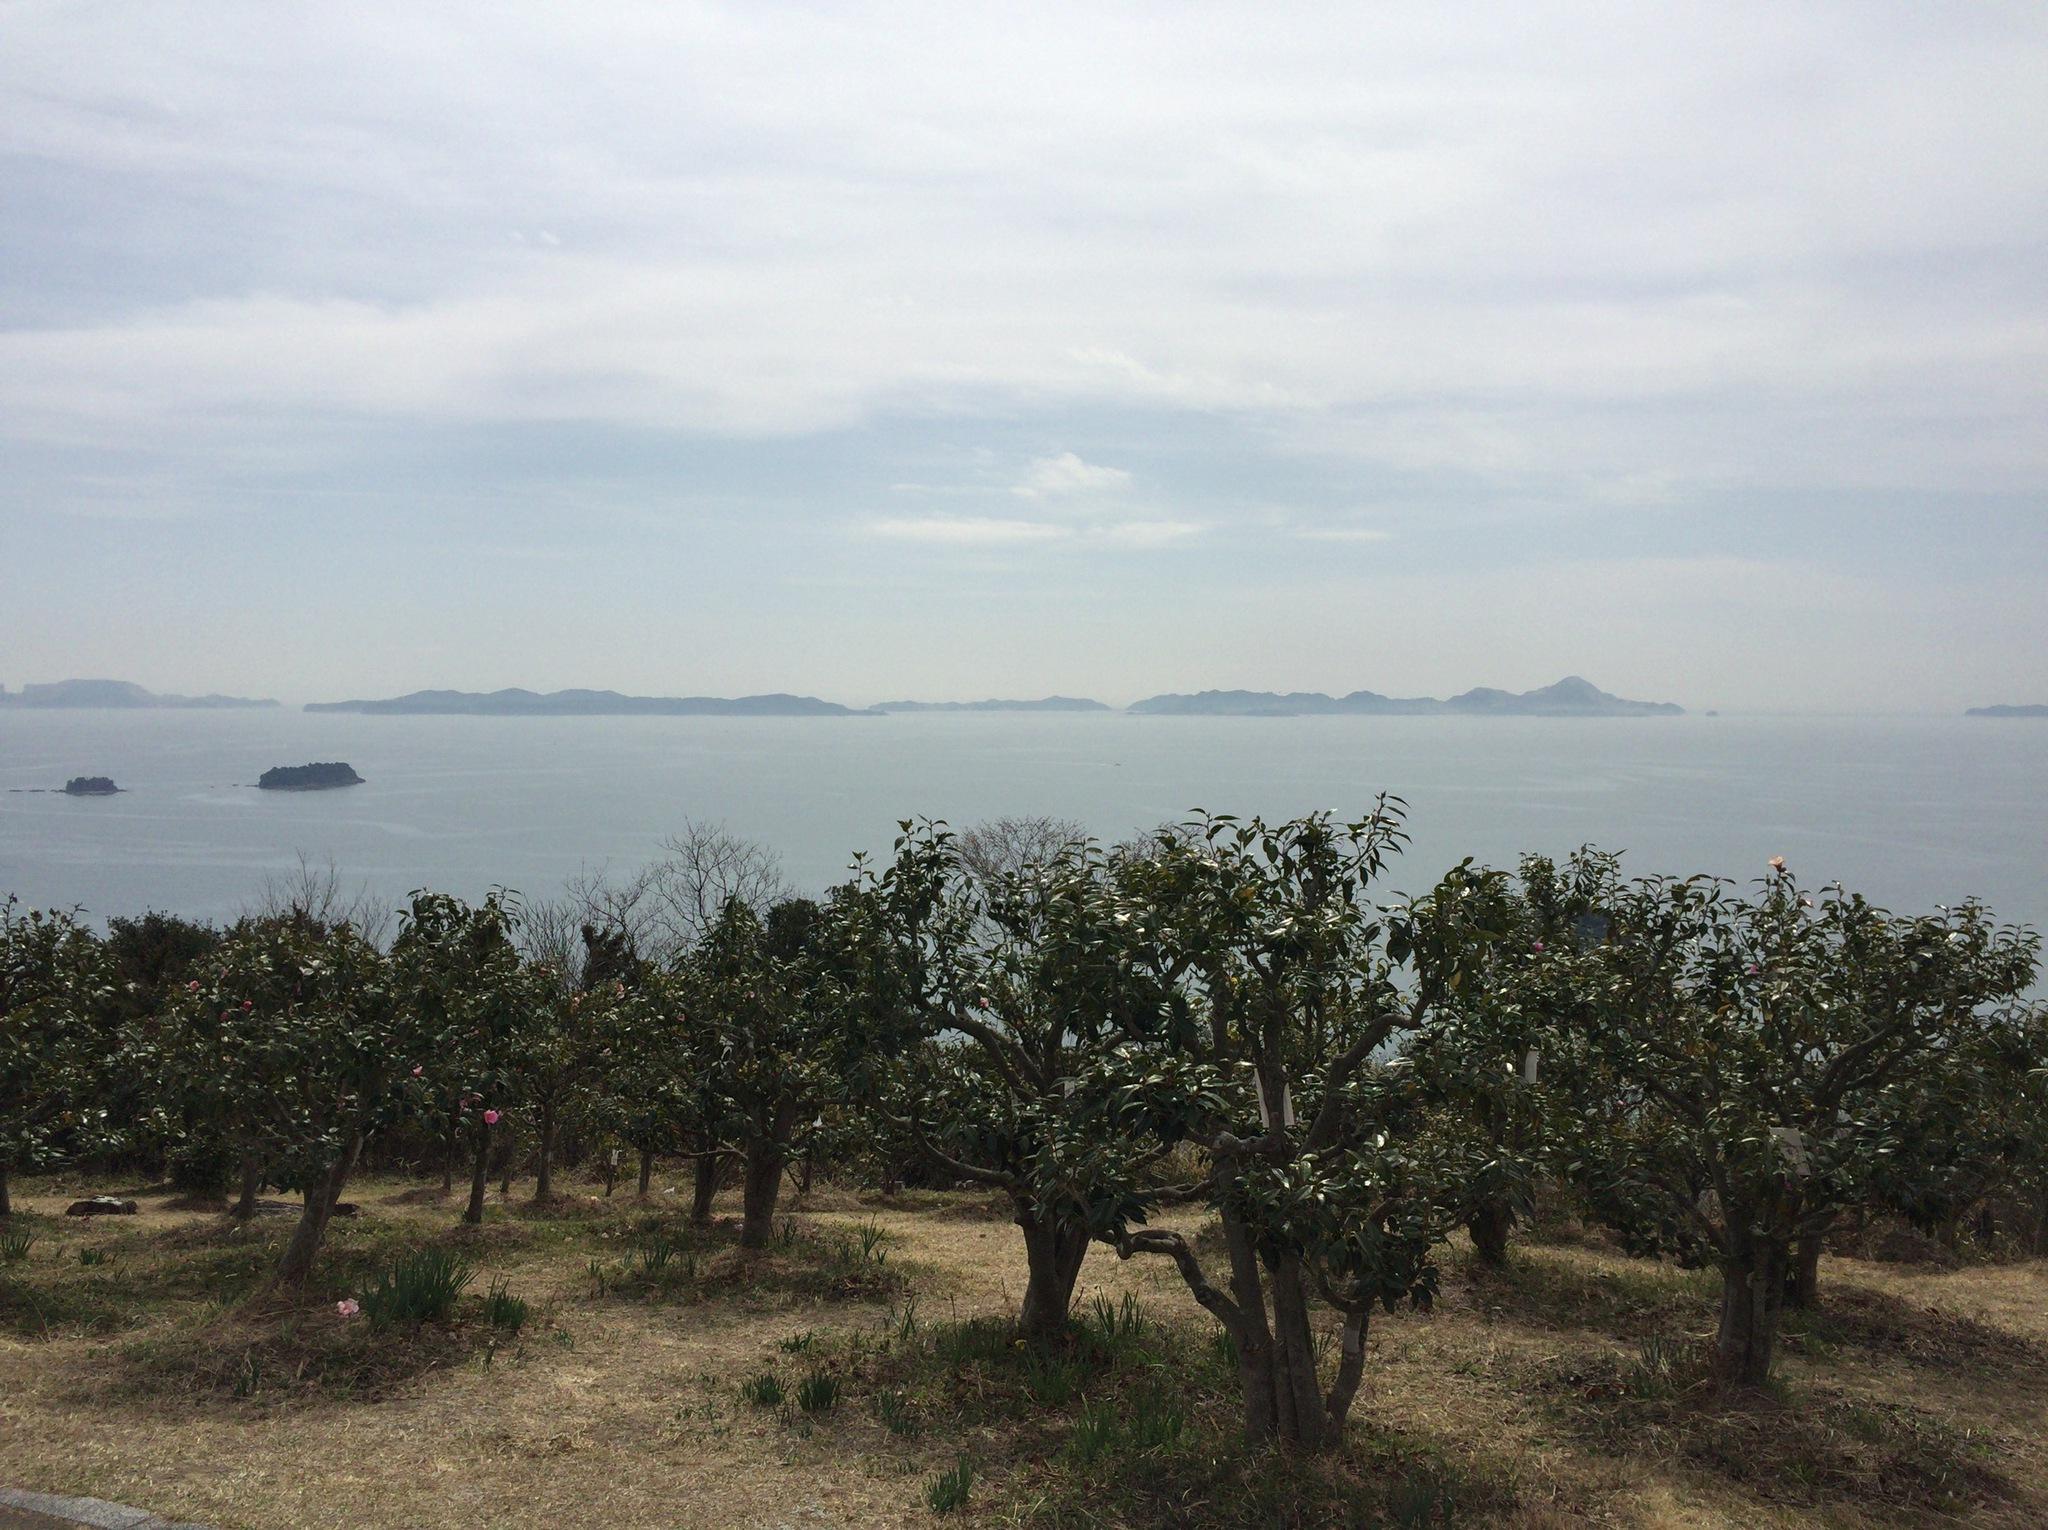 相生市☆万葉の岬つばきまつり に行ってきました♪